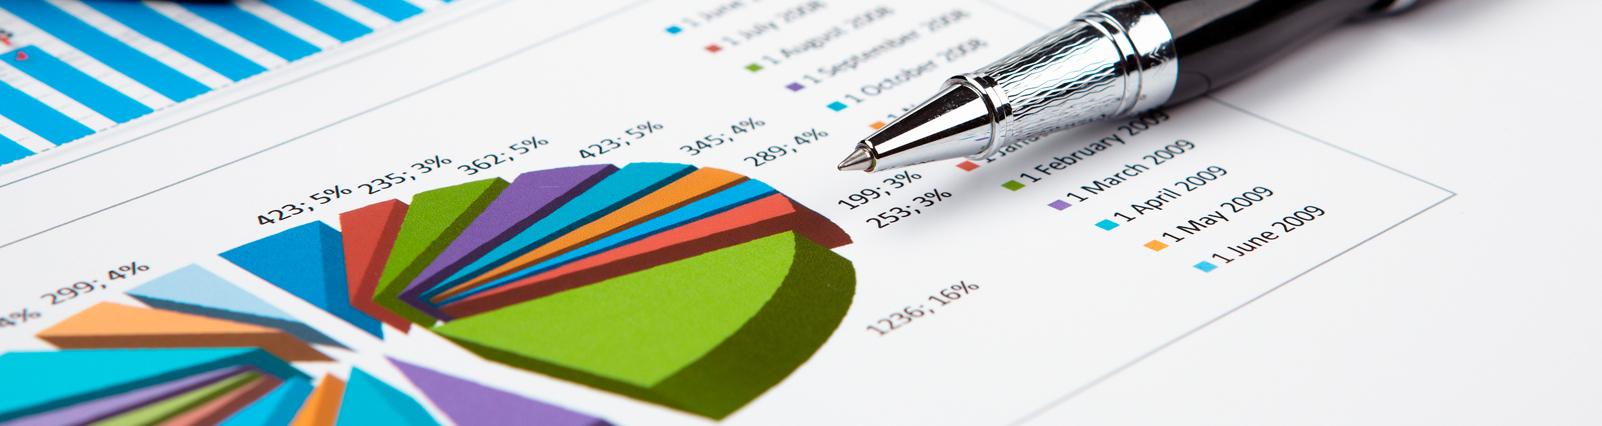 Conhece os cursos de gestão da FU?